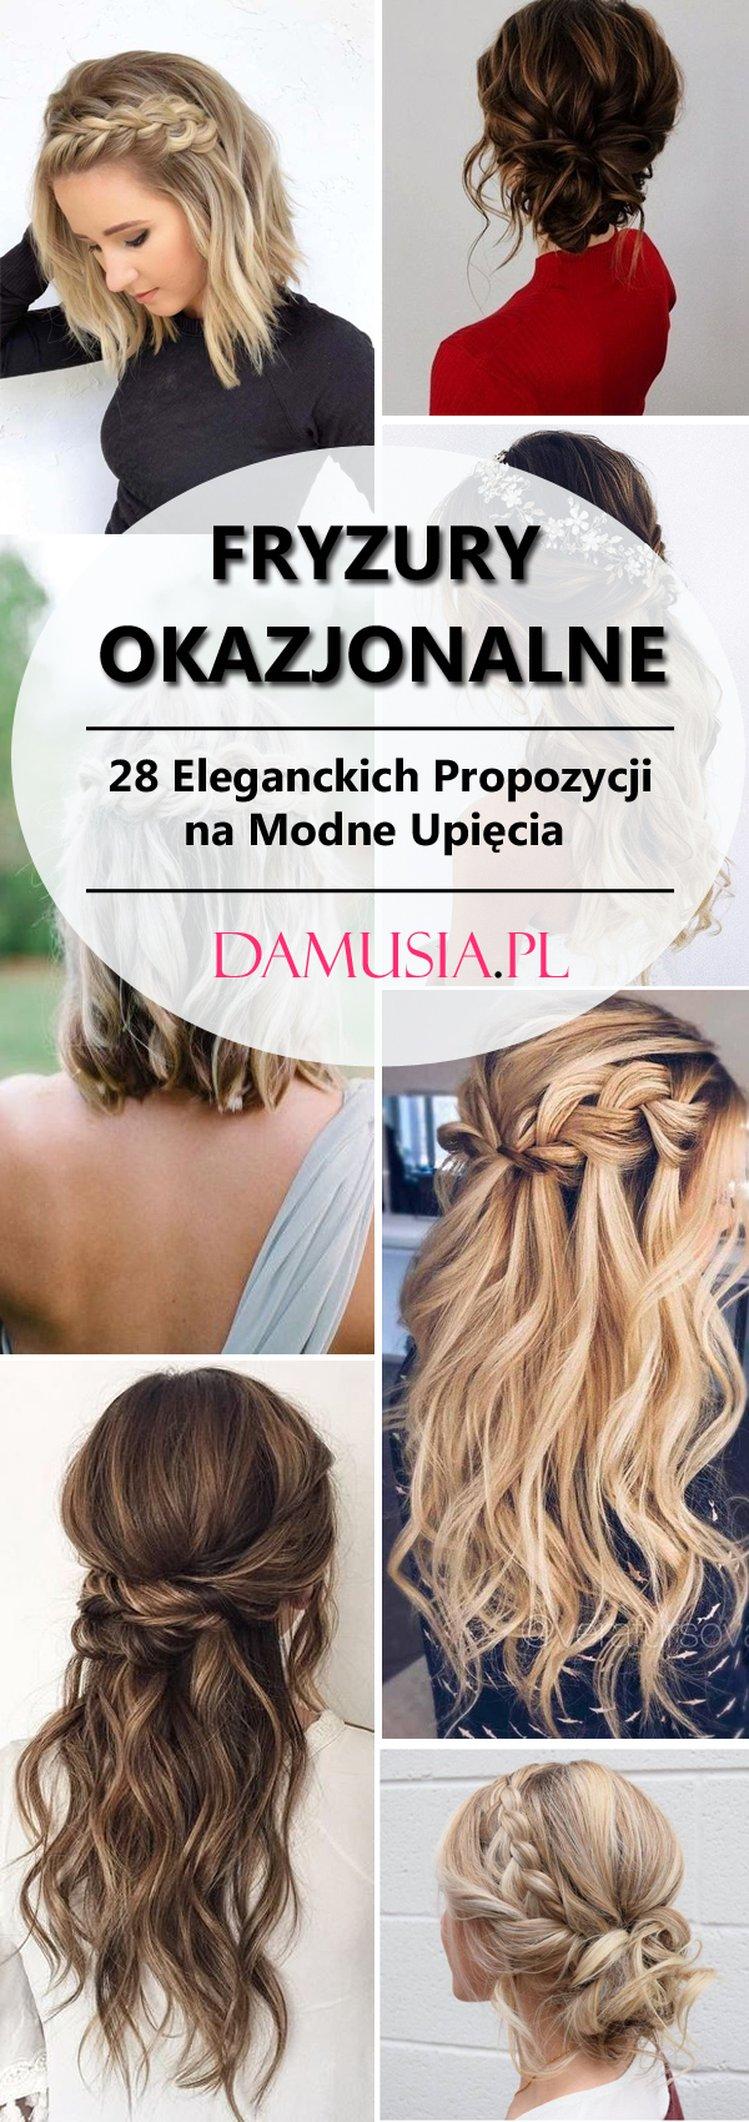 Fryzury Okazjonalne Top 28 Eleganckich Propozycji Na Modne